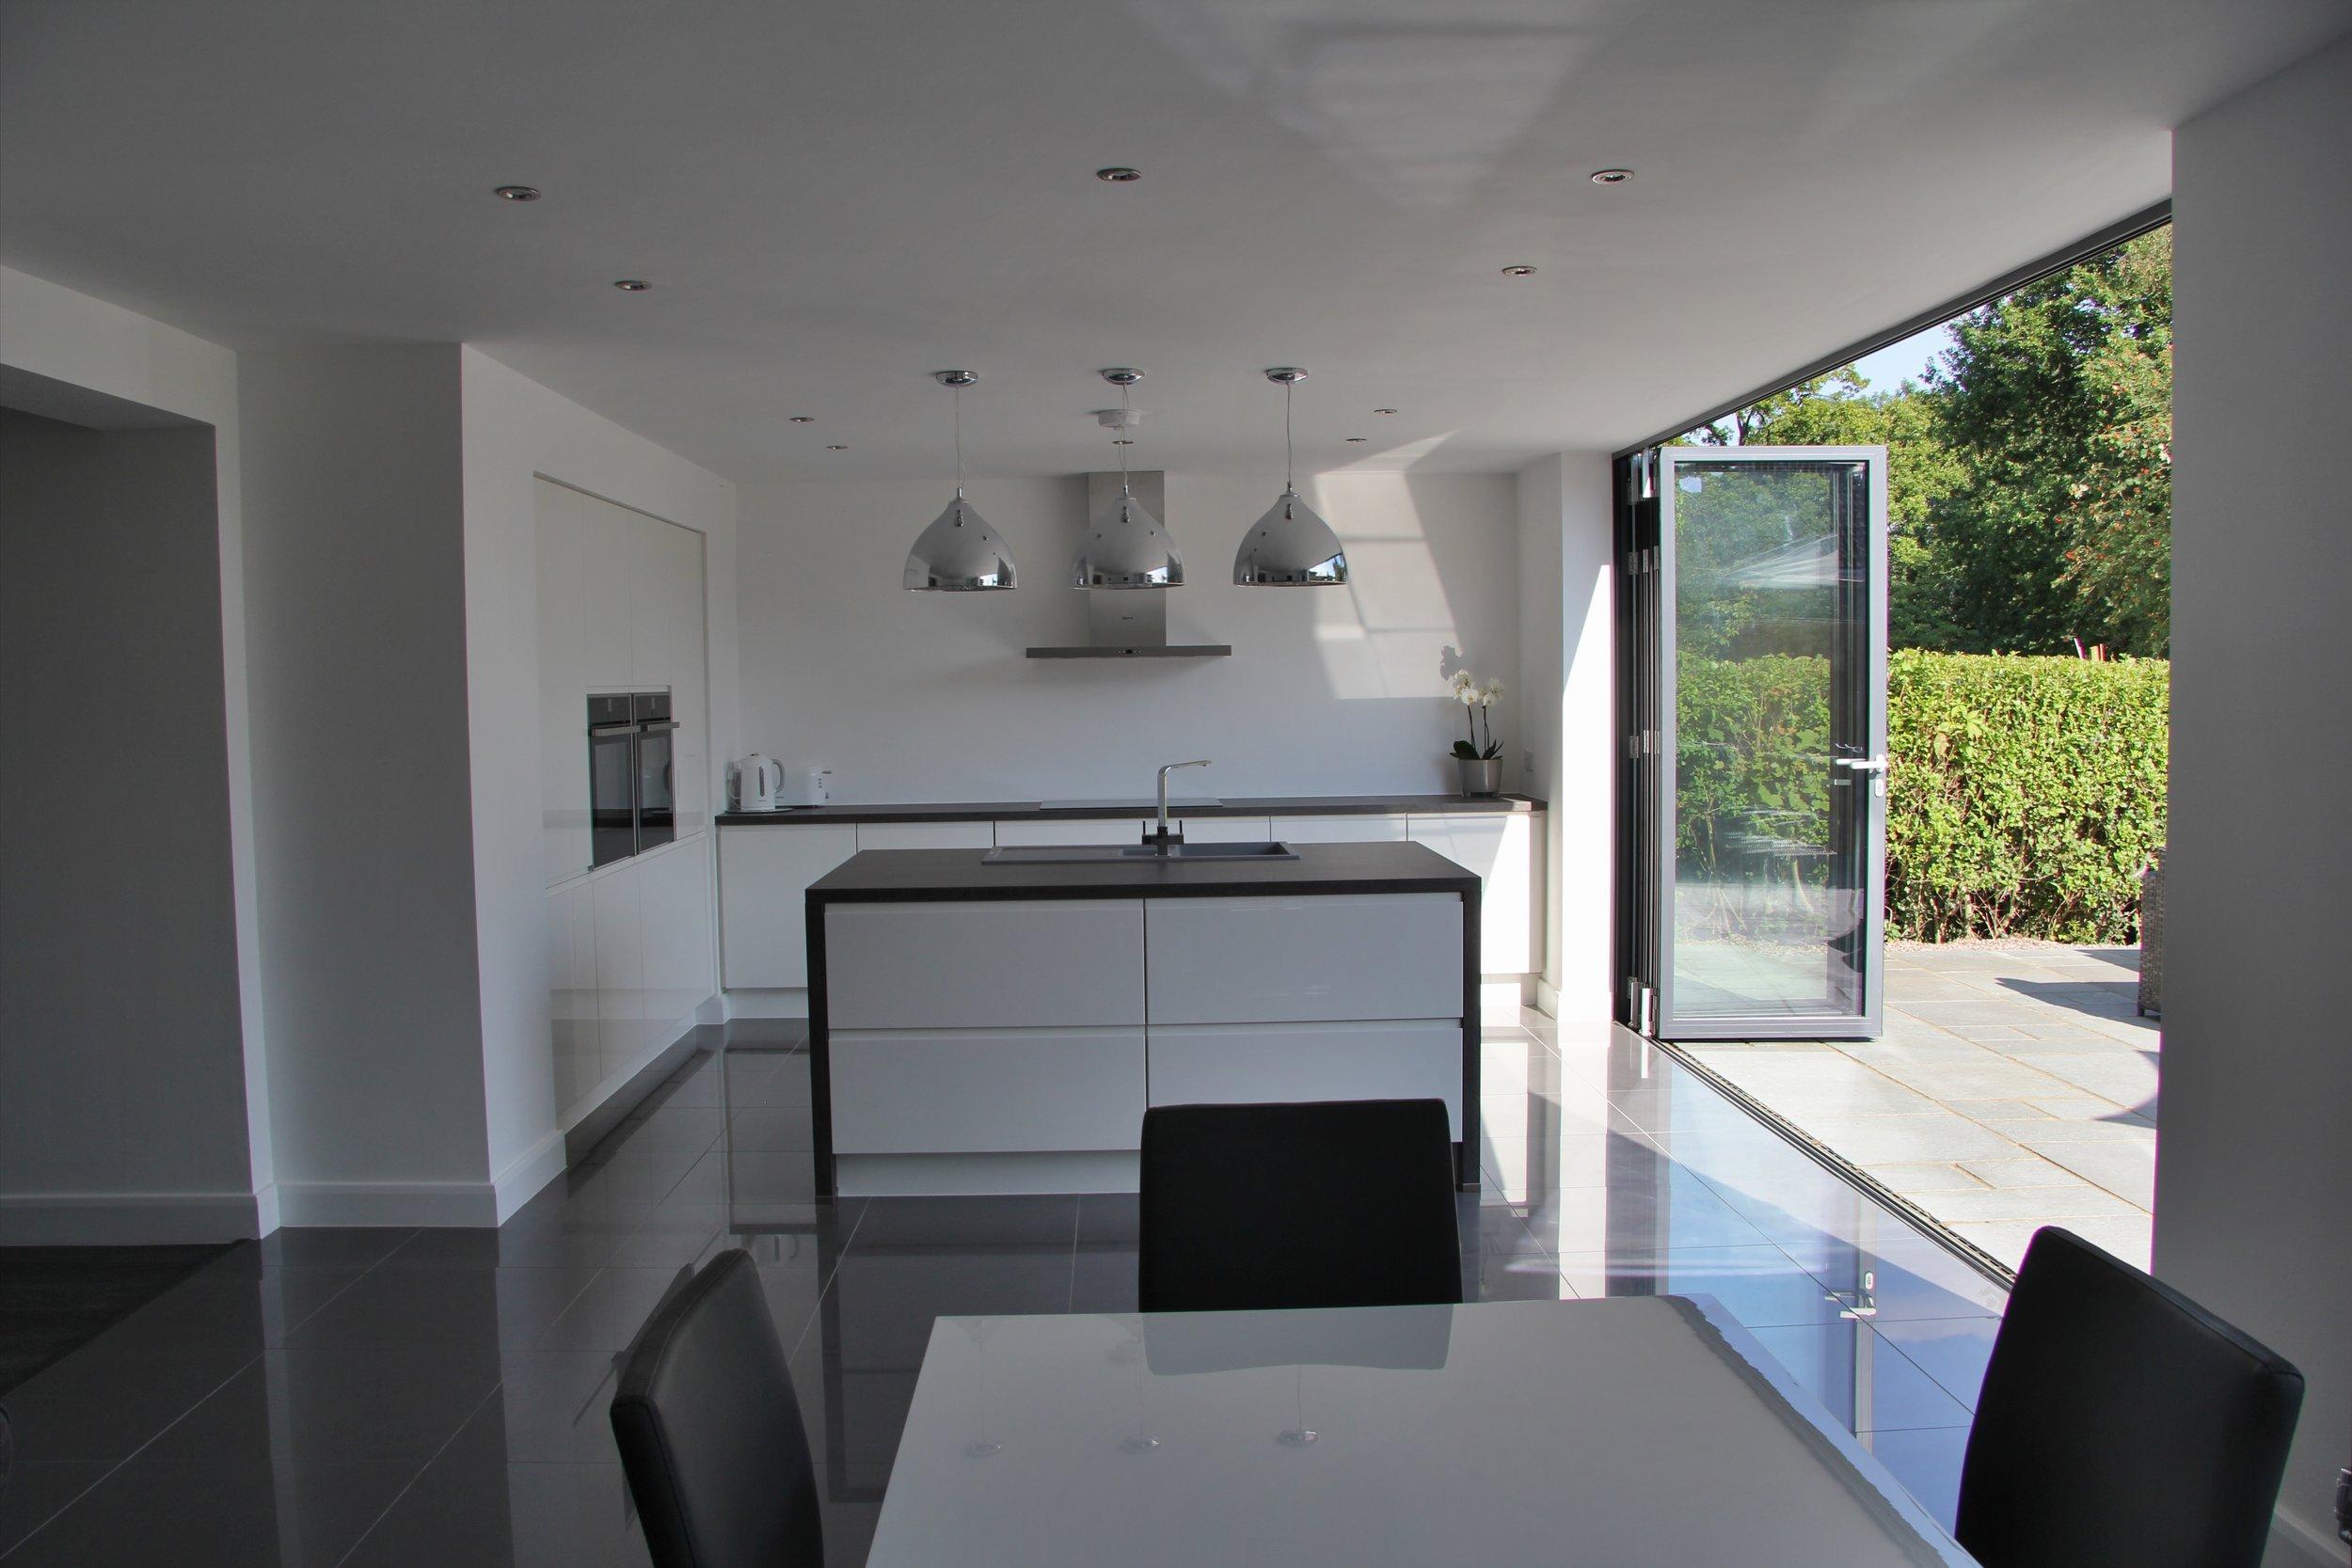 15107_kitchen_5.jpg